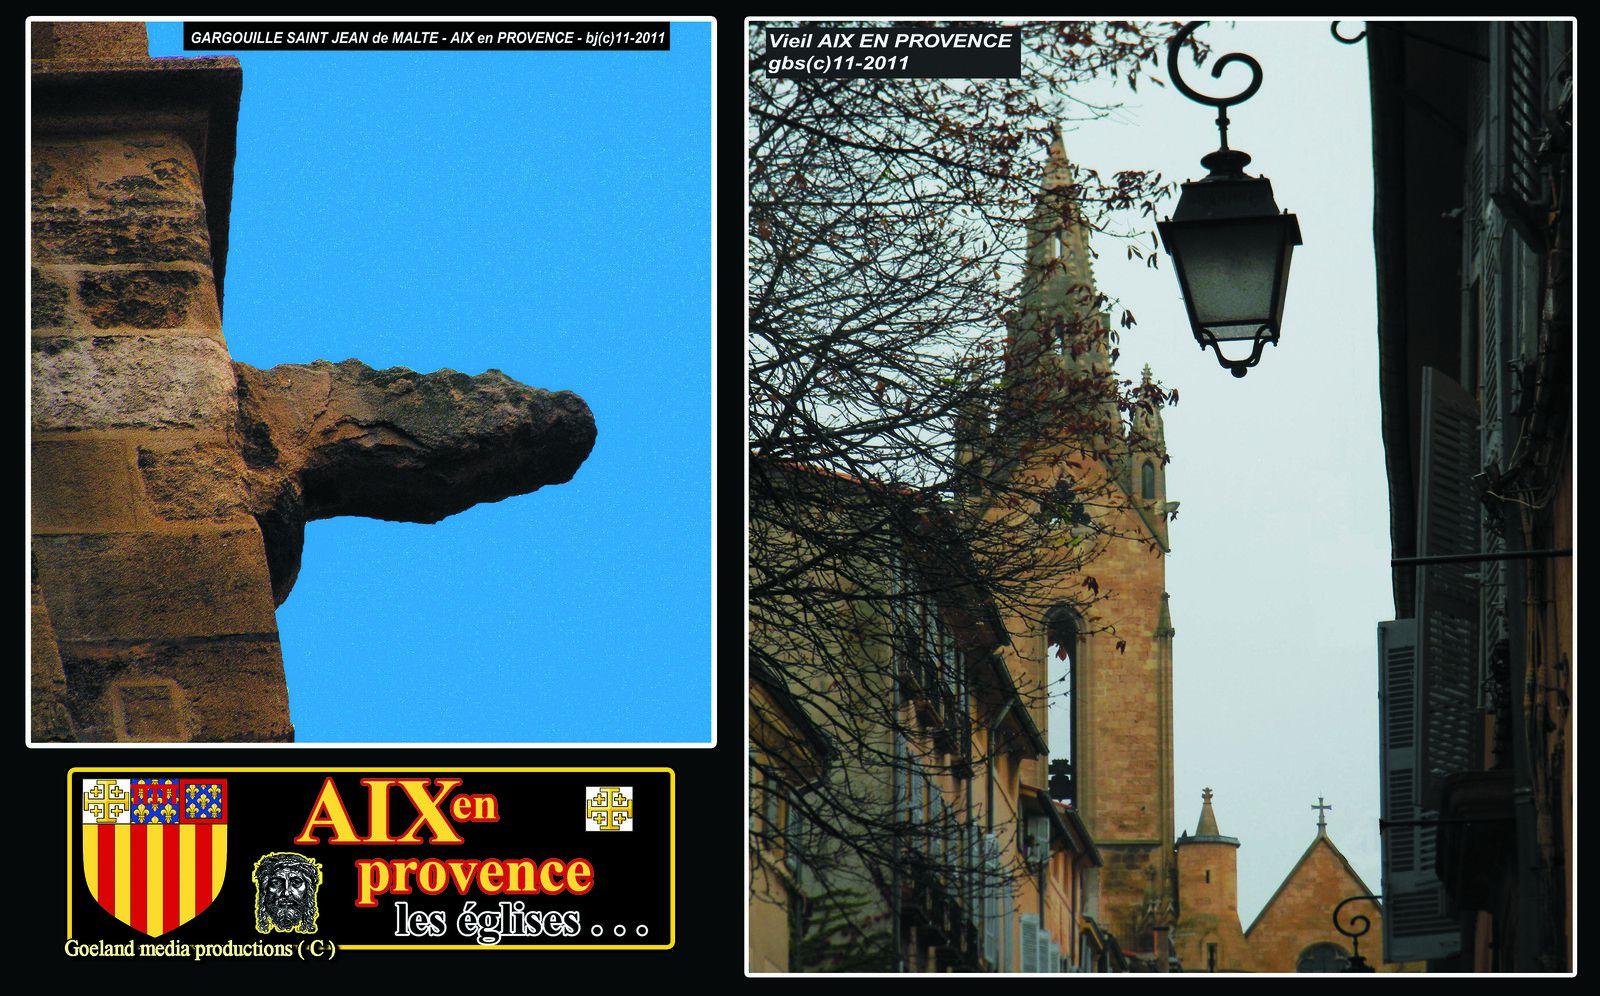 SAINT JEAN de MALTE - Aix en Provence - 1ére église gothique de Provence